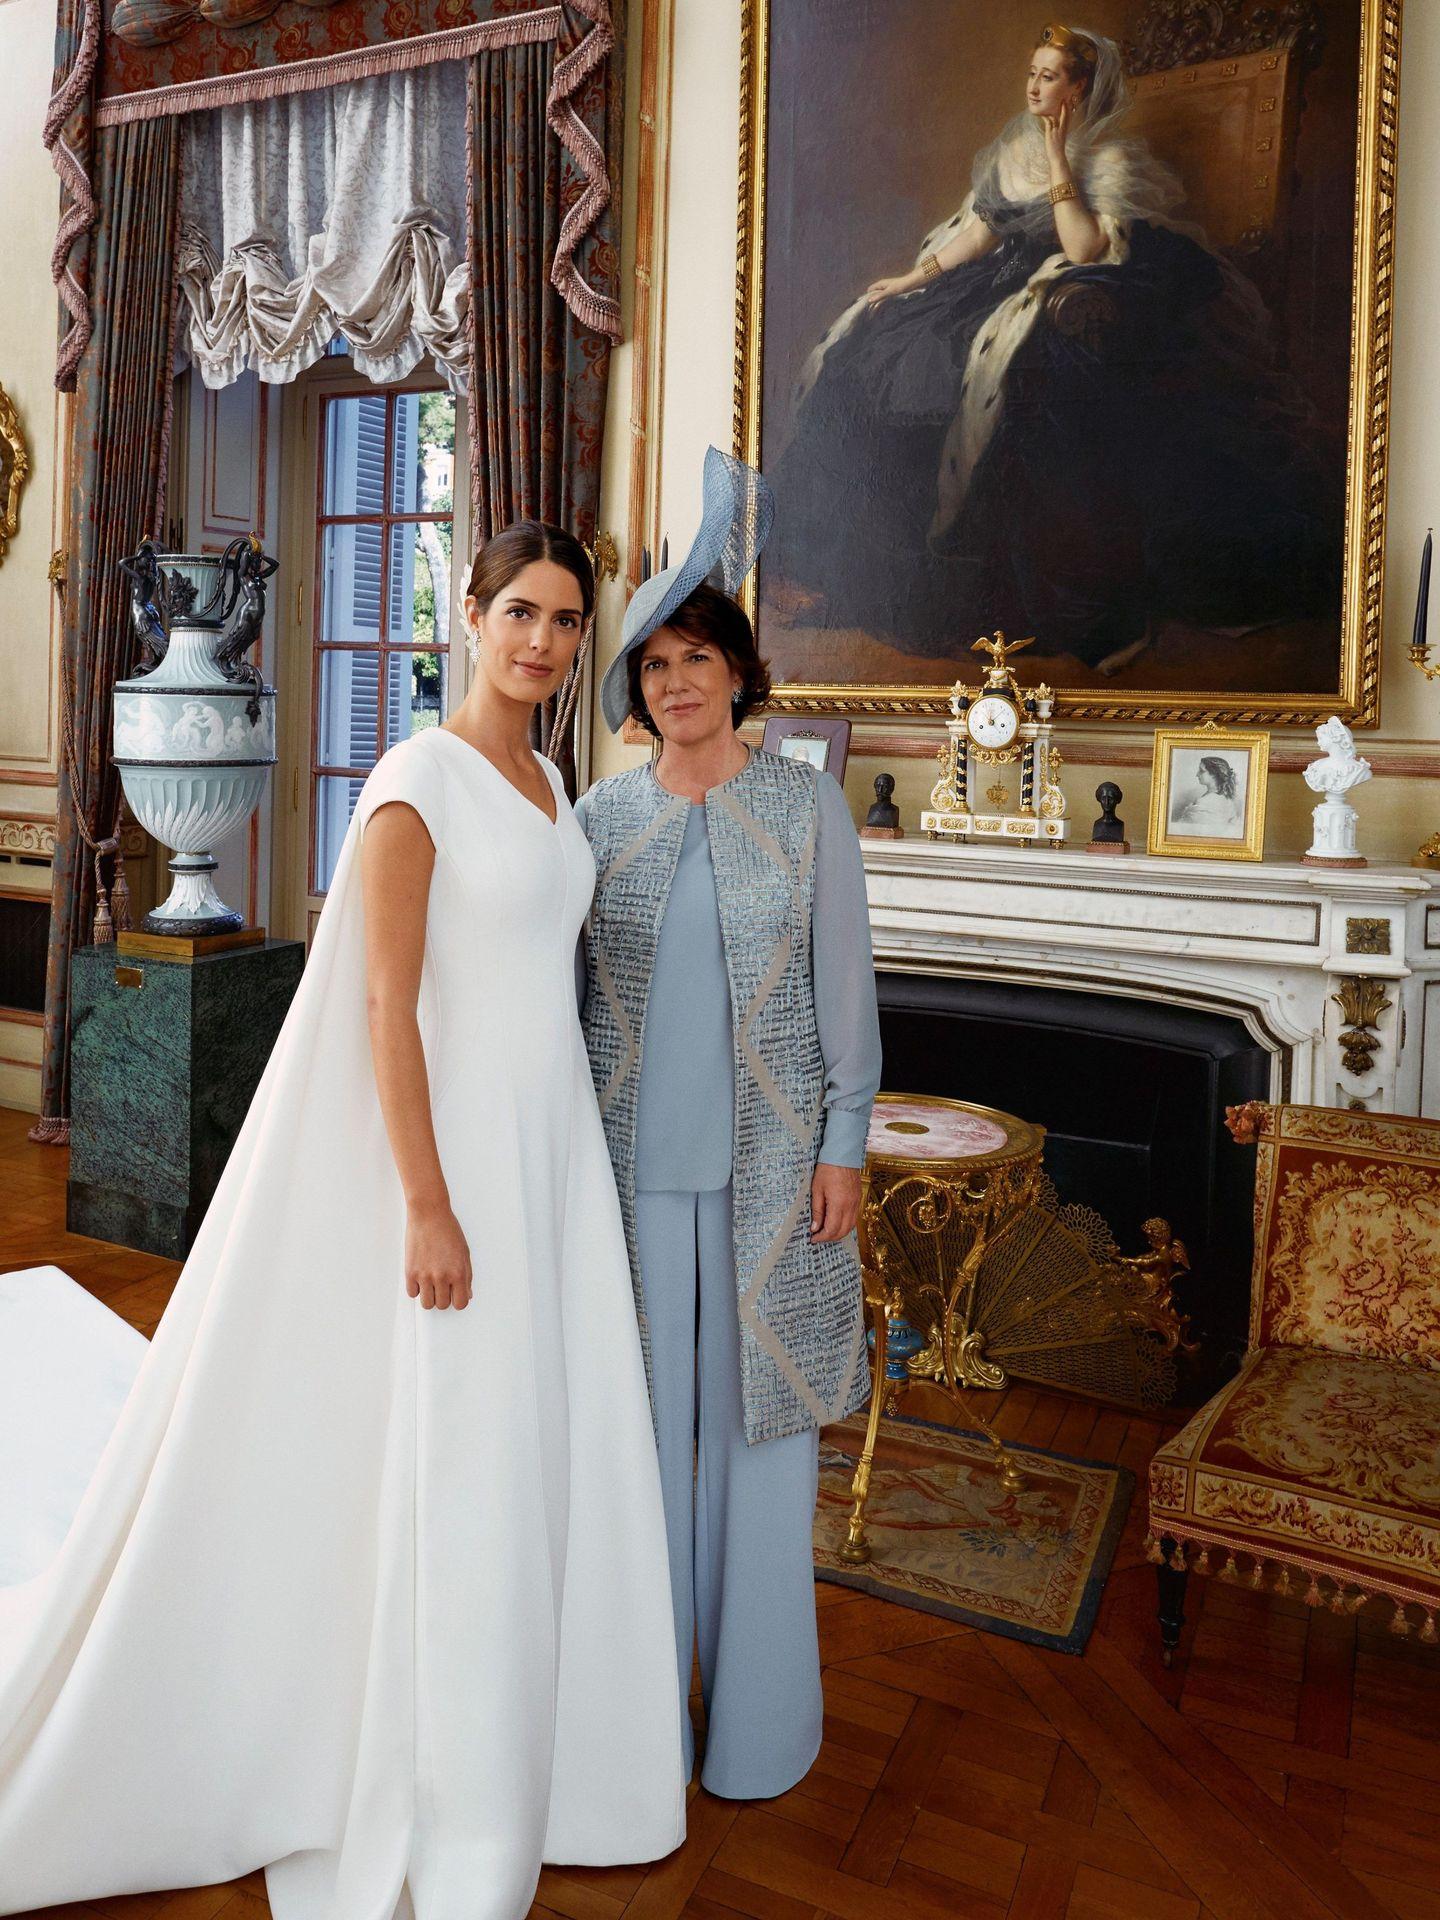 Sofía Palazuelo posa junto a su madre, Sofía Barroso, en el palacio de Liria, en Madrid, durante el día de su enlace matrimonial con Fernando Fitz-James Stuart y Solís, hijo del duque de Alba. (EFE /Casa de Alba)